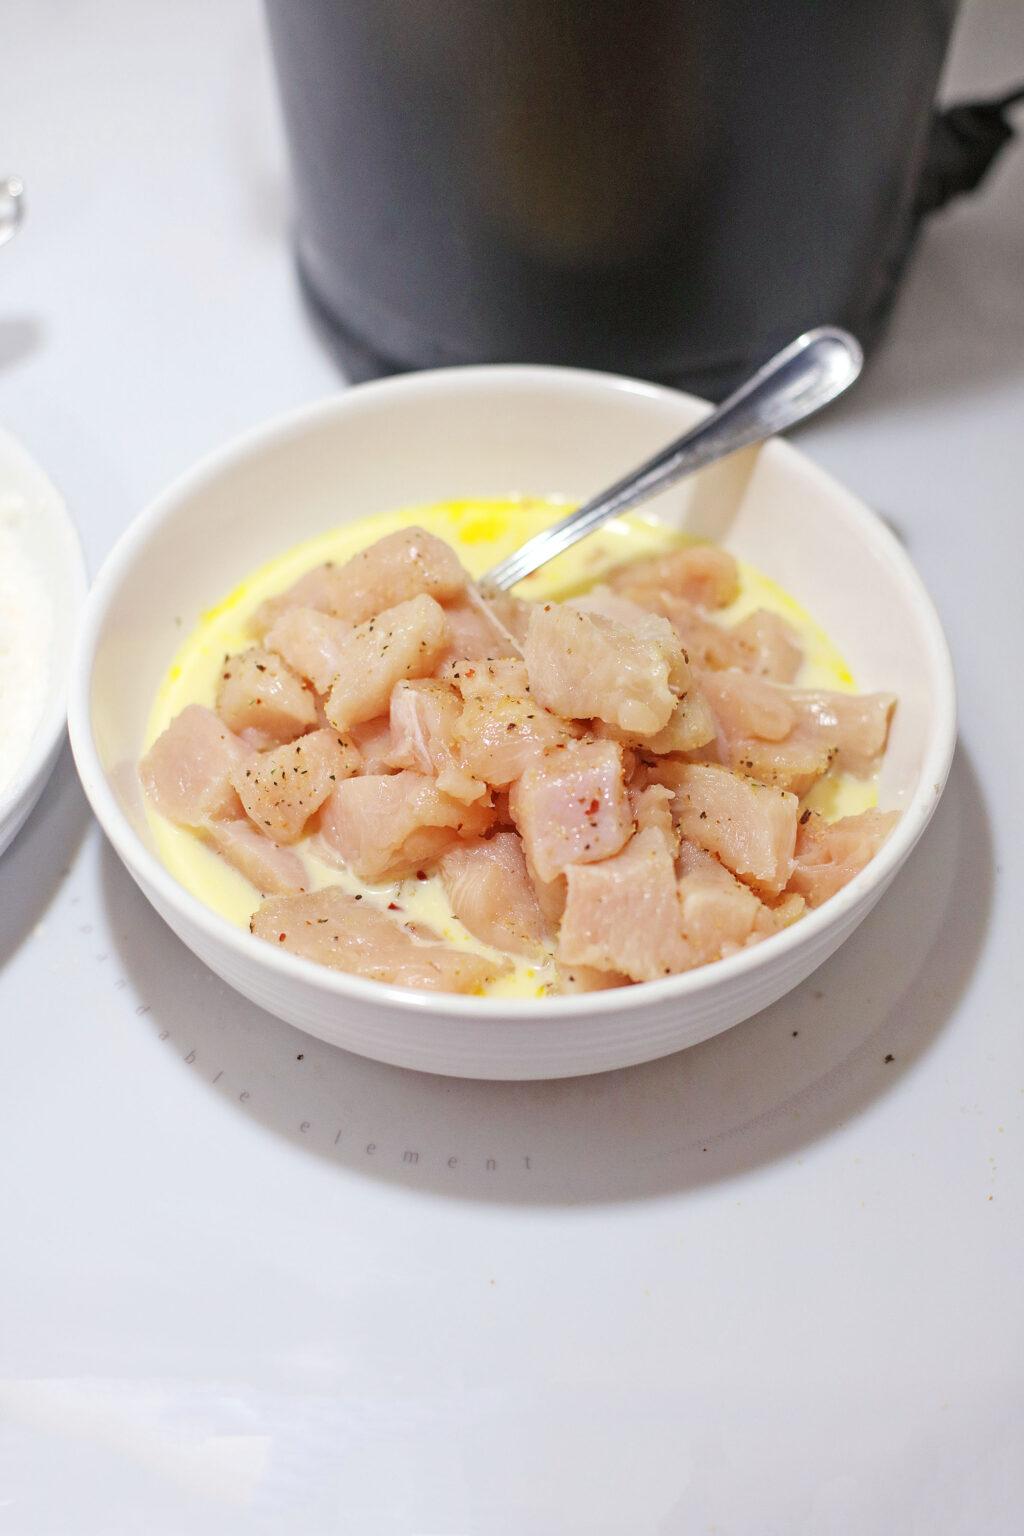 raw chicken bites in an egg mixture